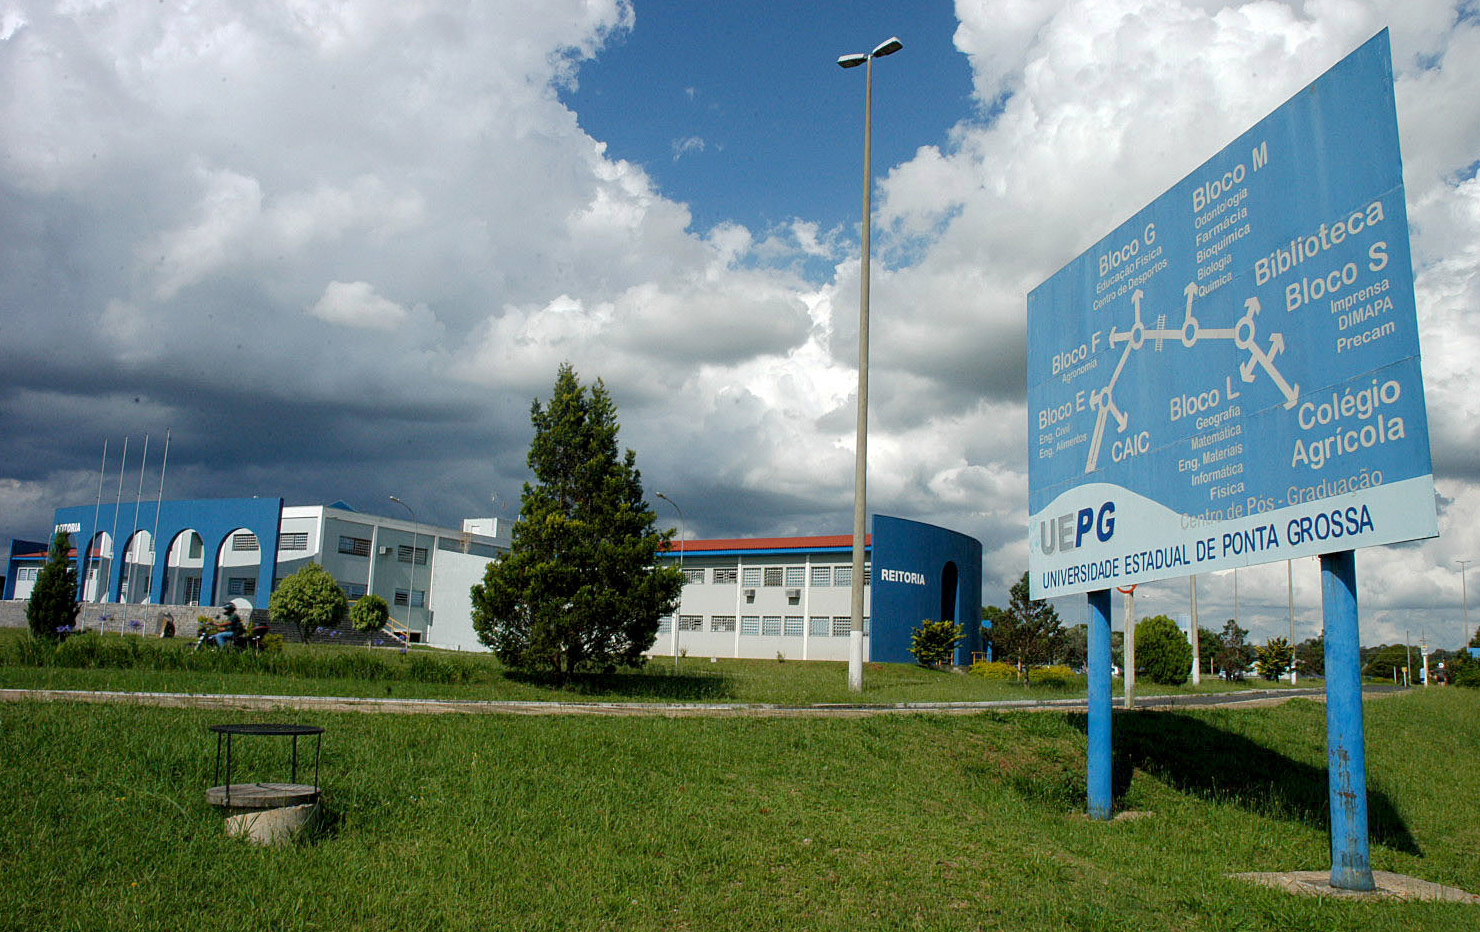 UEPG cancela vestibular de inverno 2020 em função da pandemia